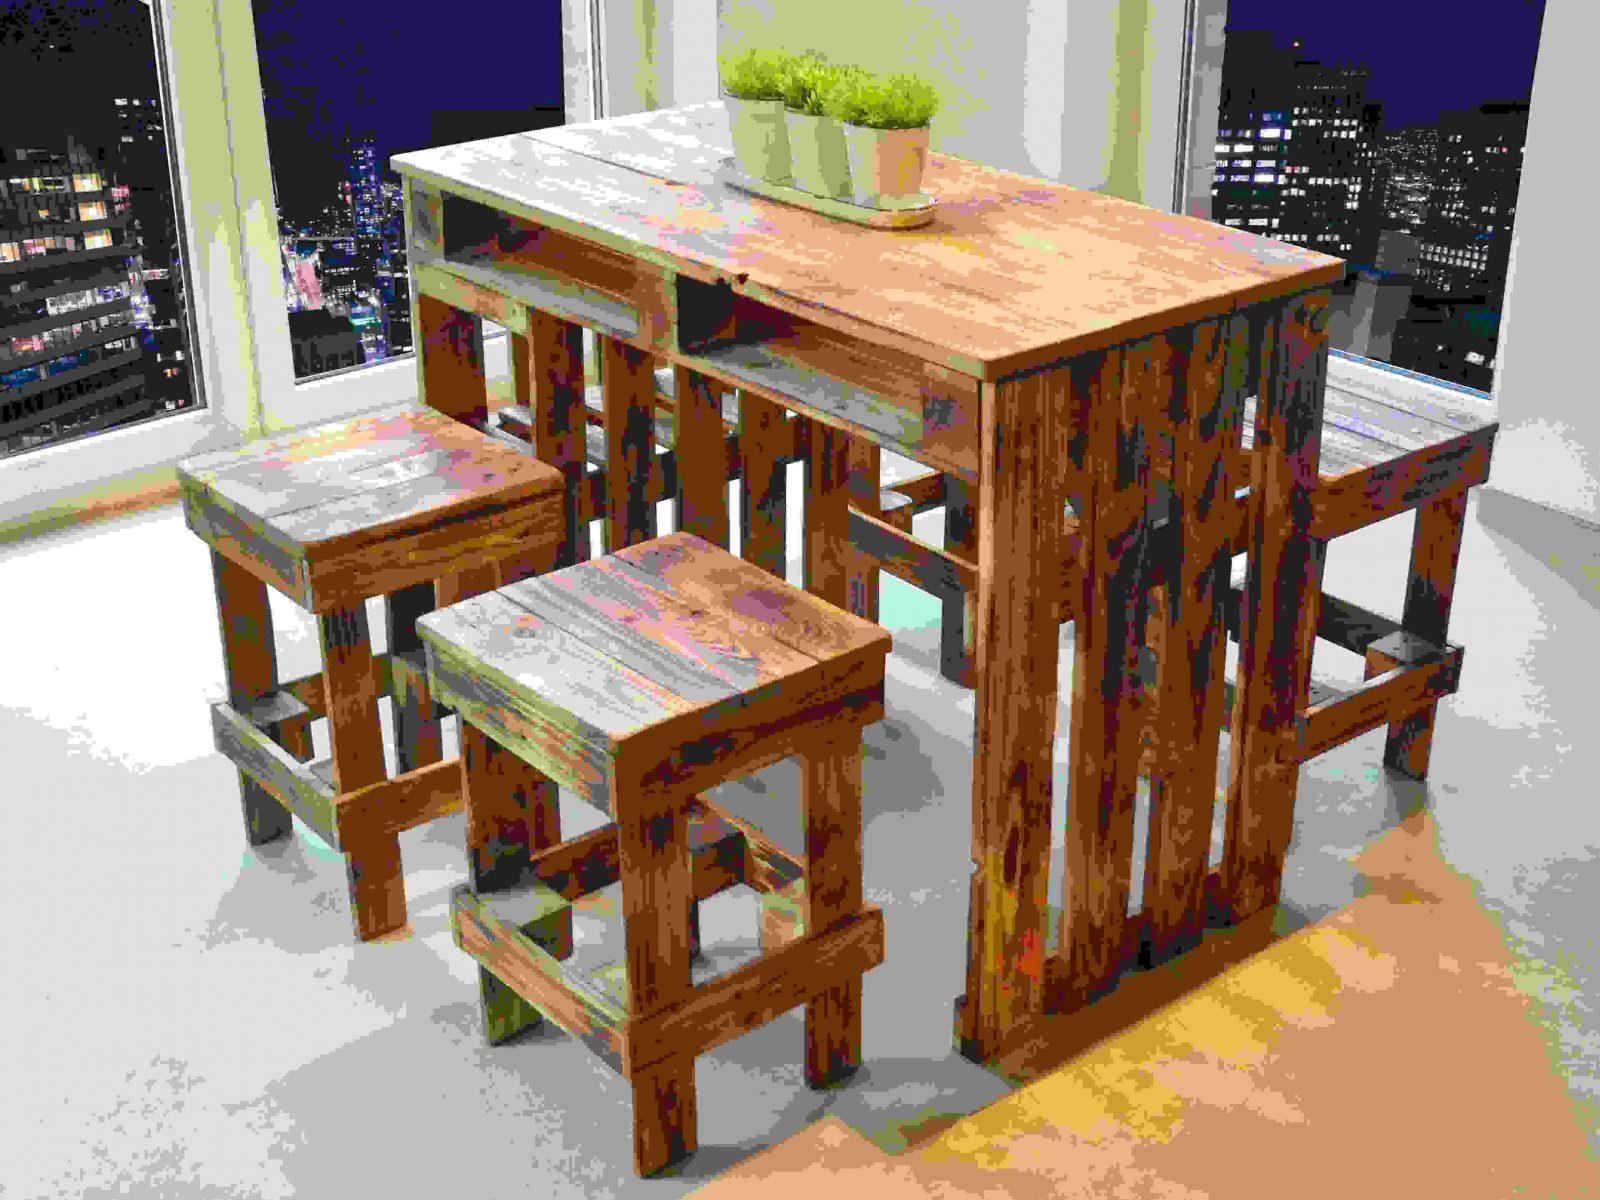 esstisch aus paletten bauanleitung haus design ideen. Black Bedroom Furniture Sets. Home Design Ideas